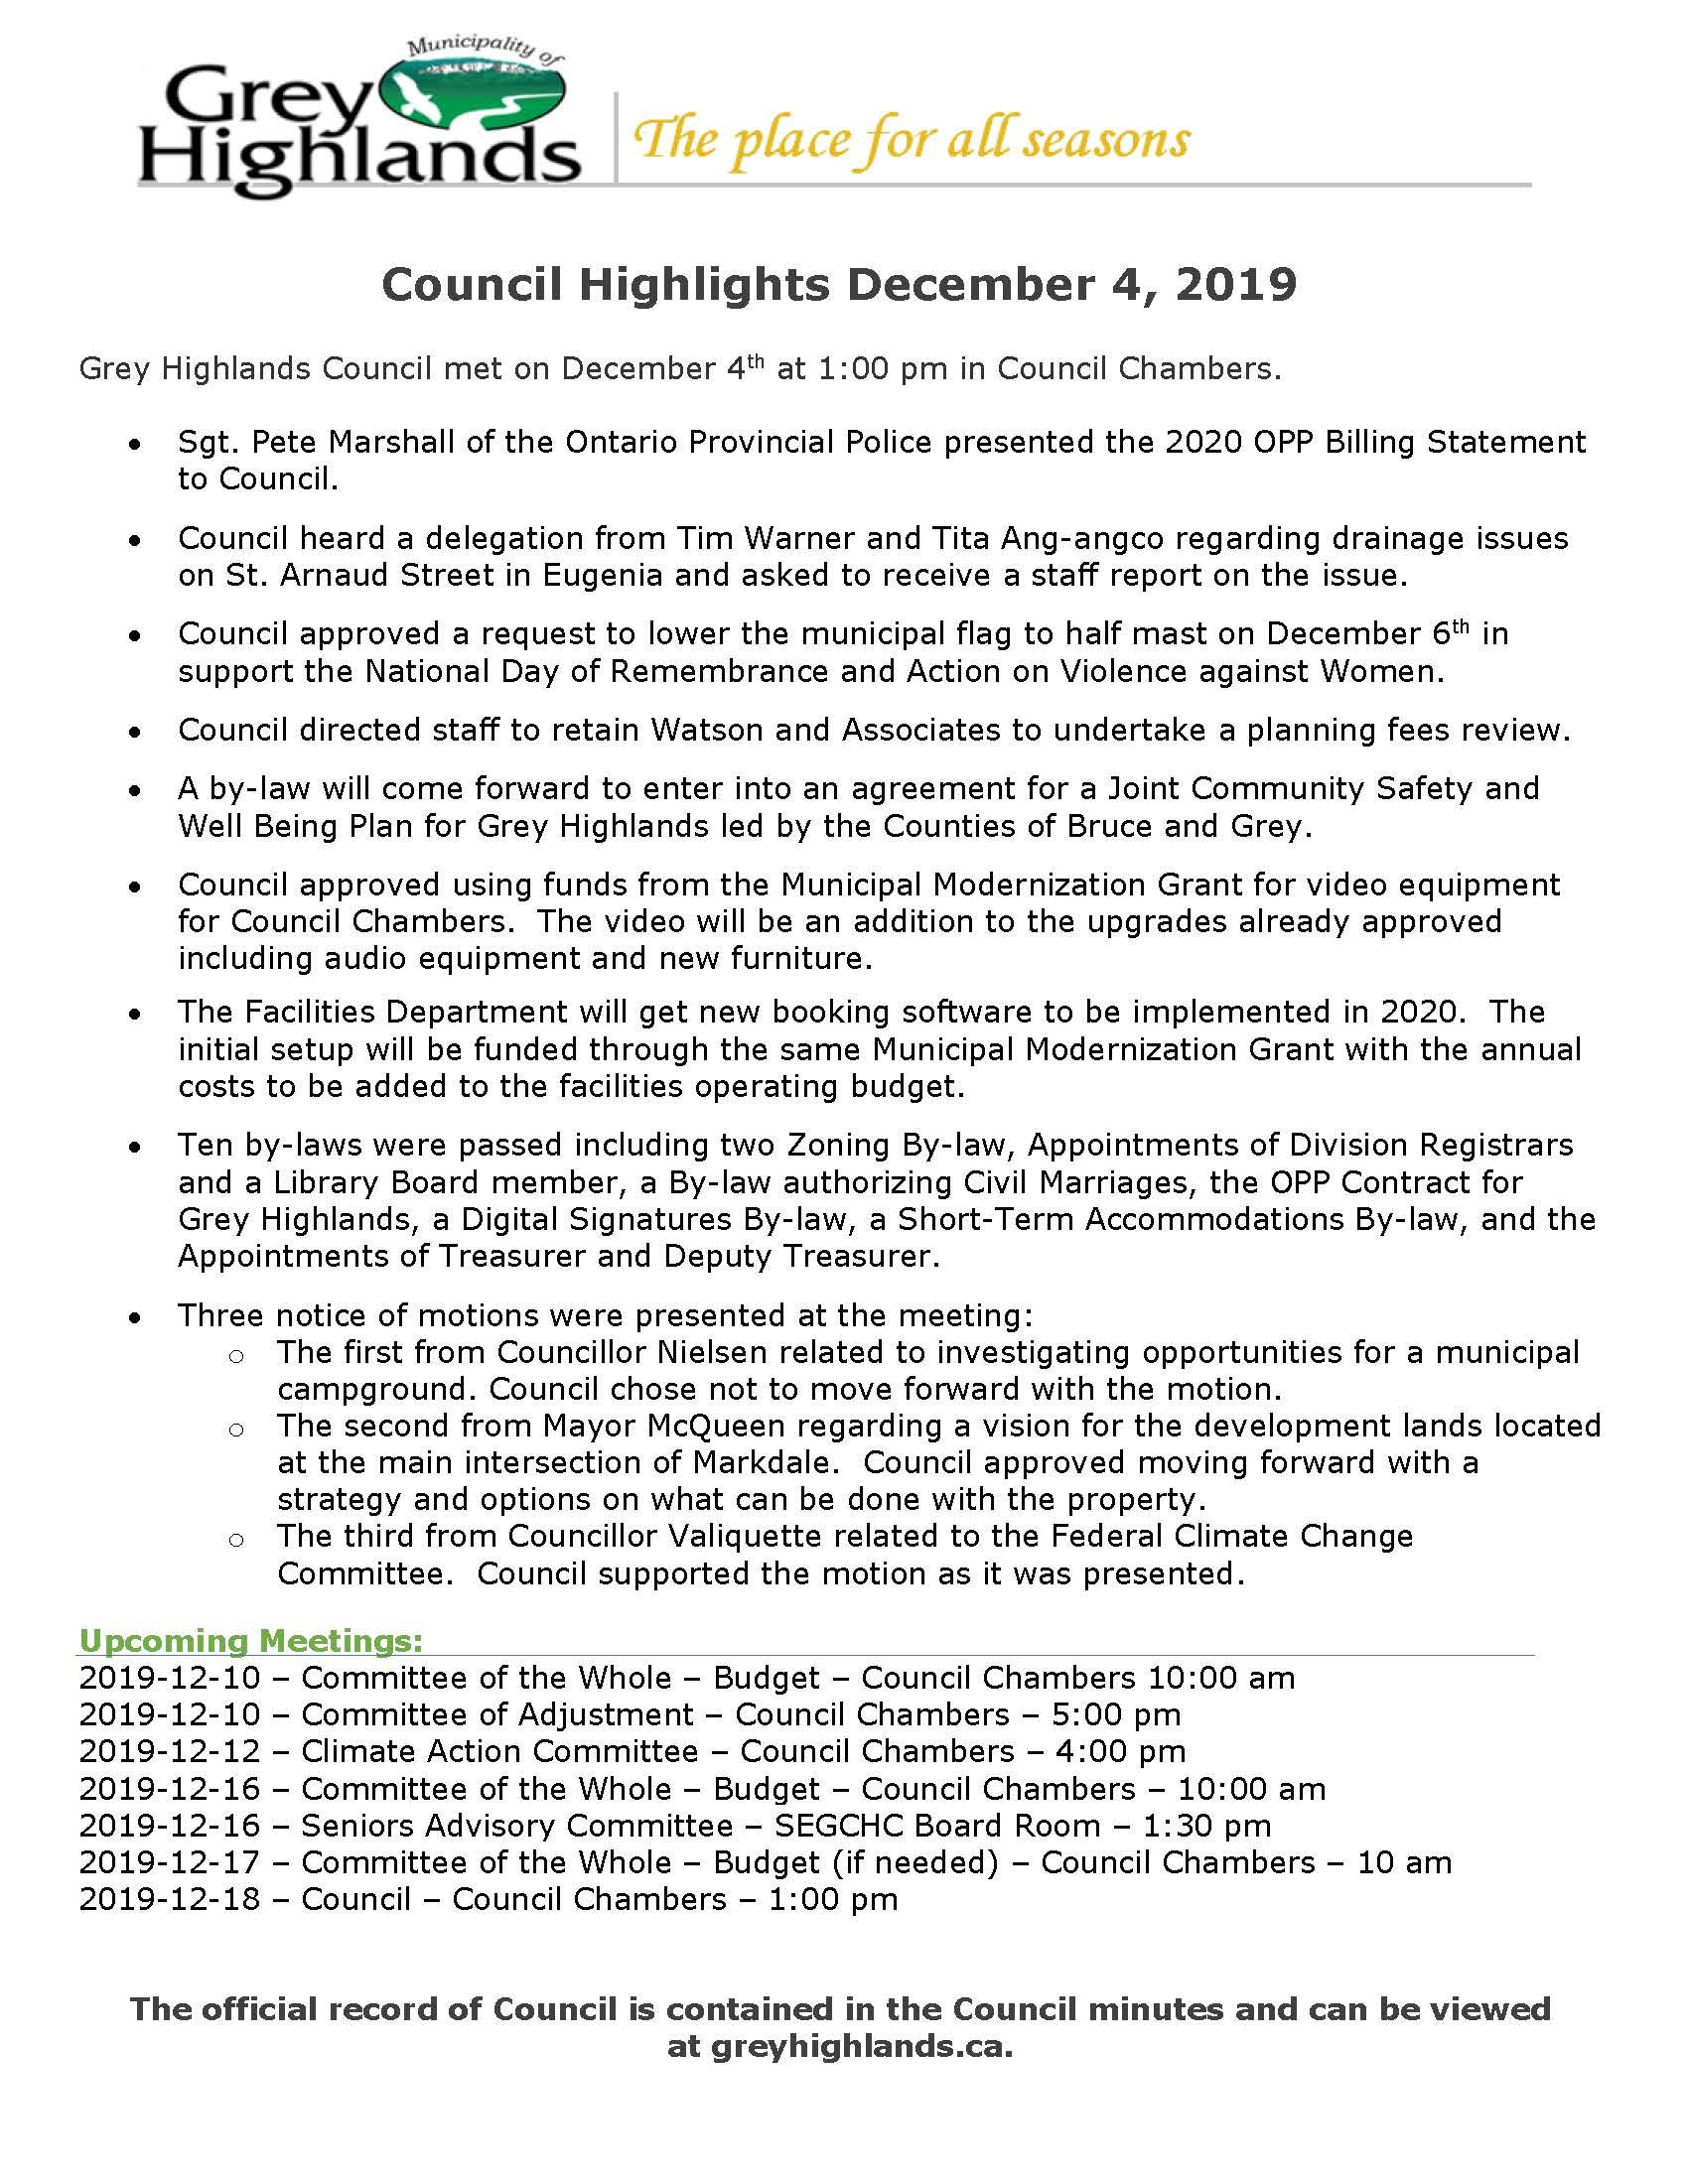 Council Highlights Dec 4